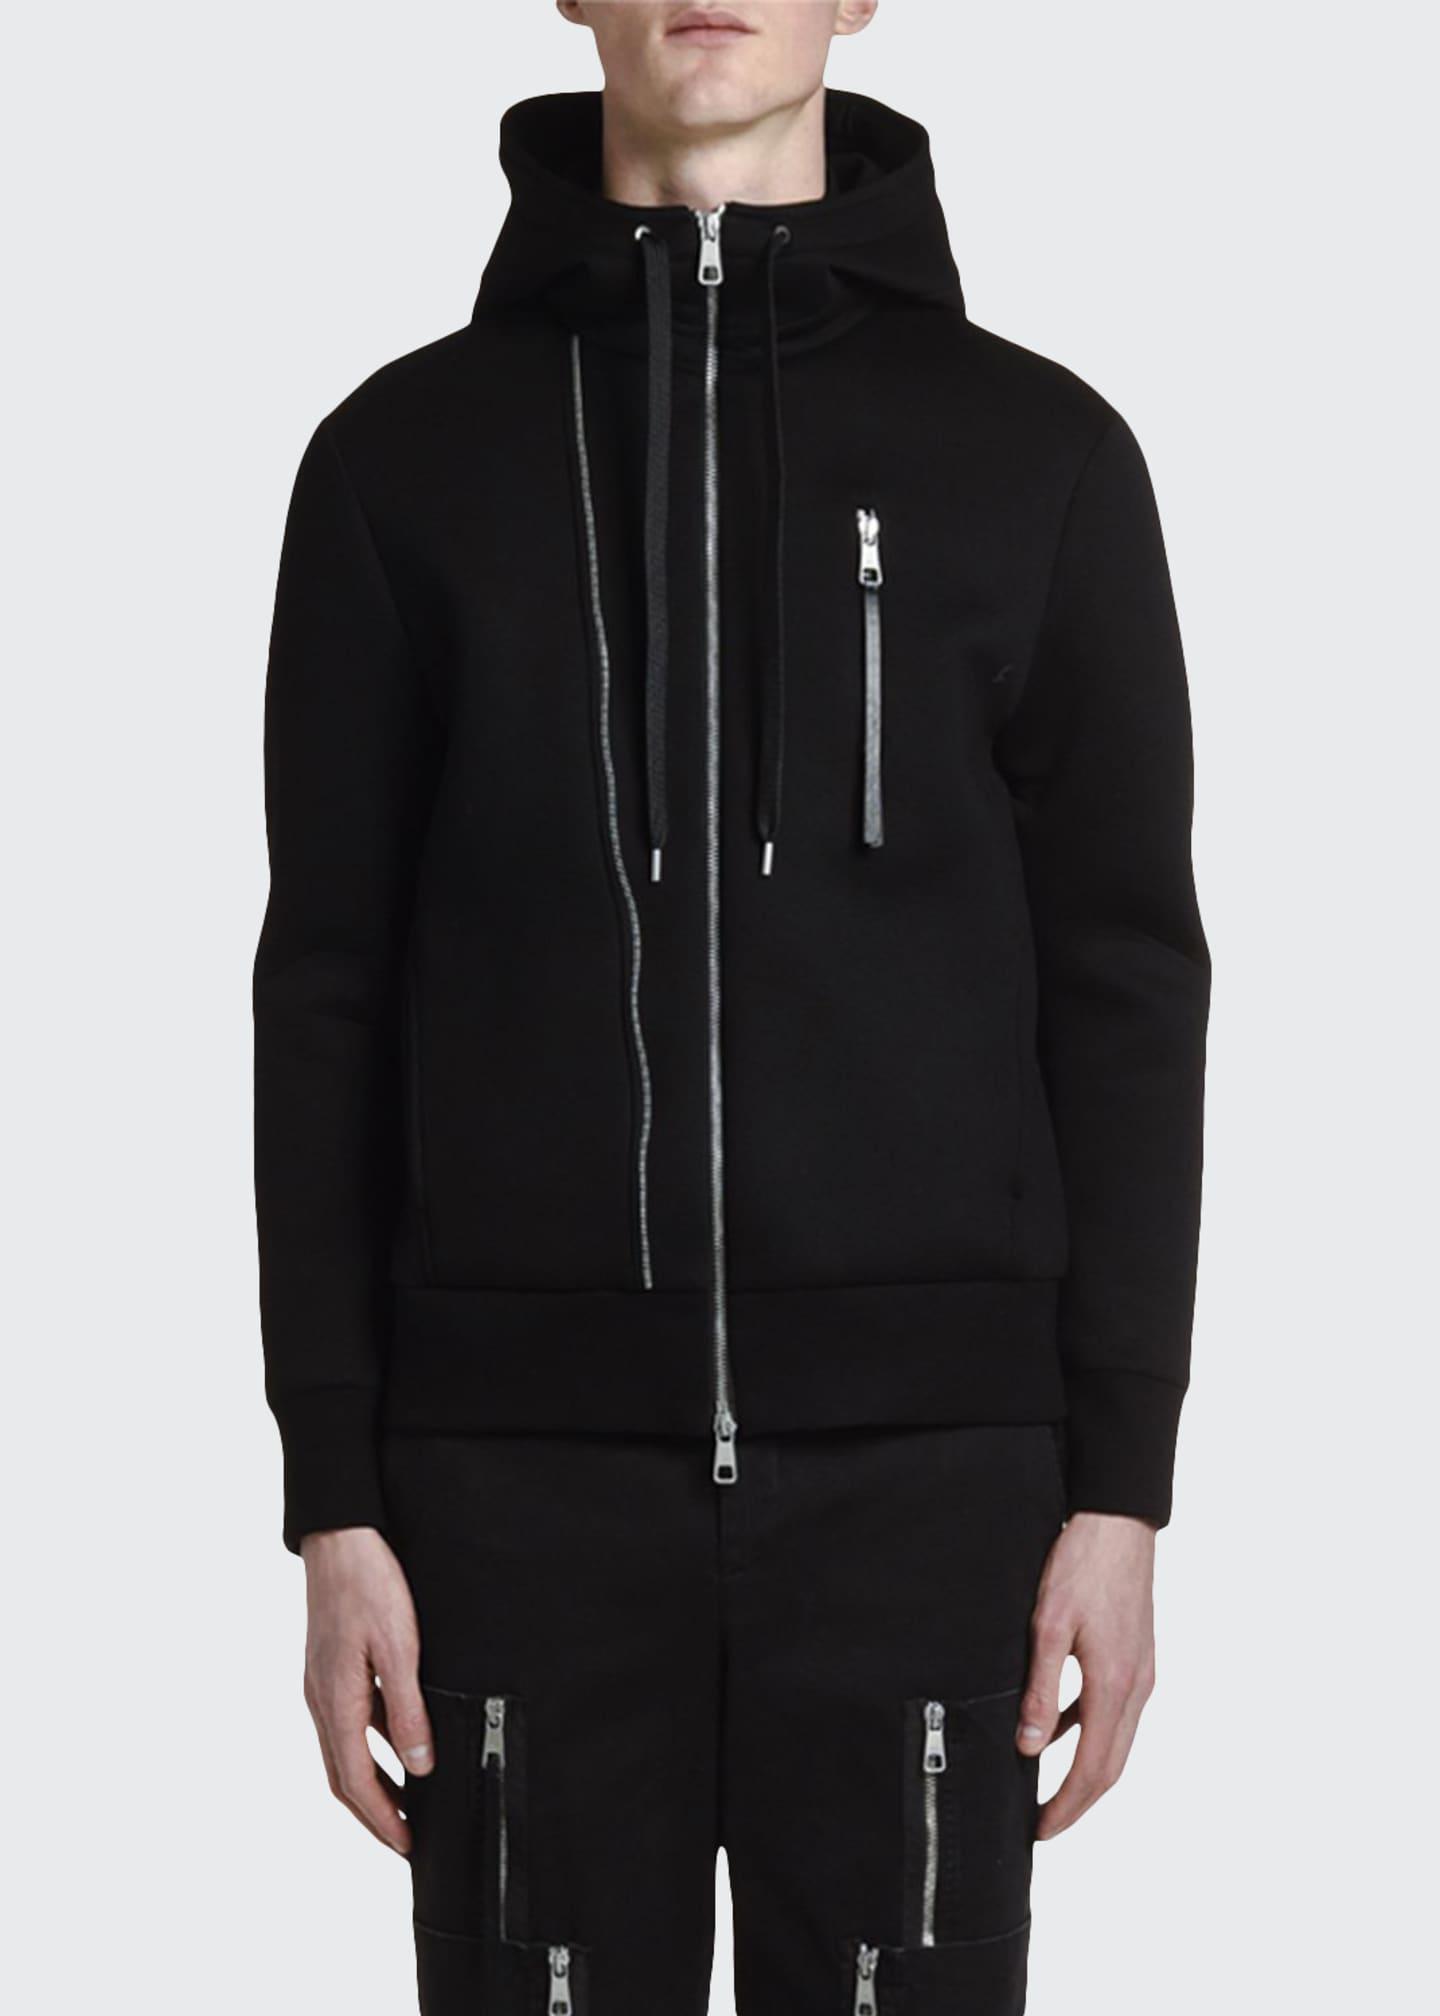 Neil Barrett Men's Multi-Zipper Hoodie